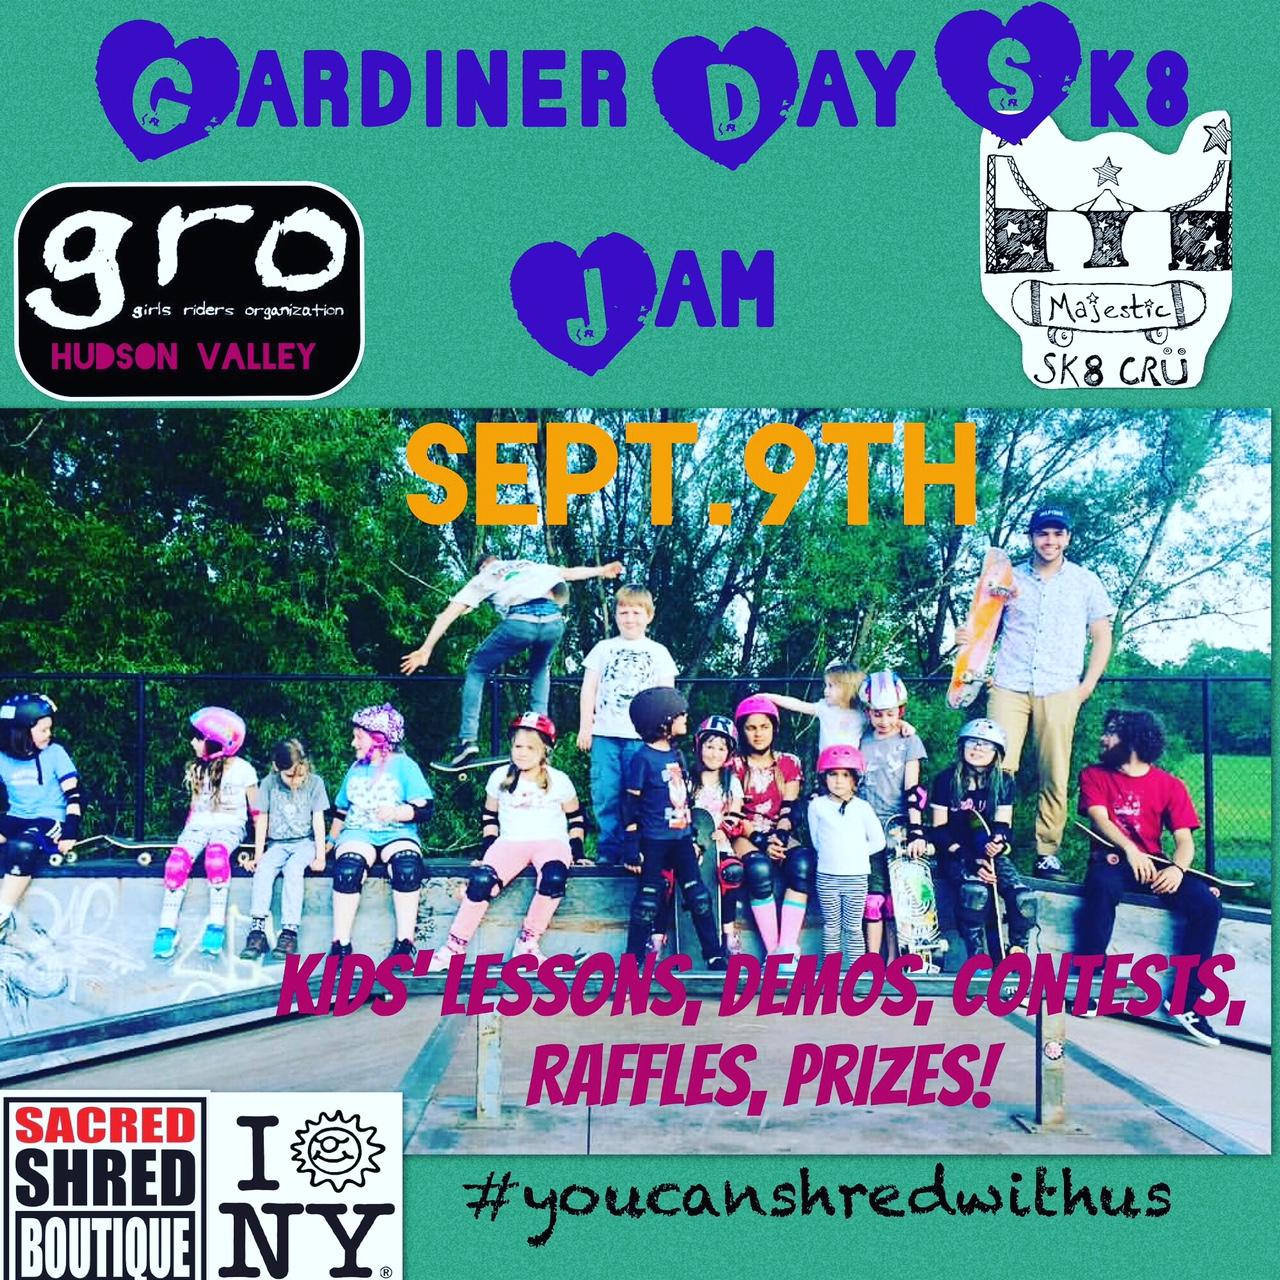 Gardiner Day Sk8 Jam